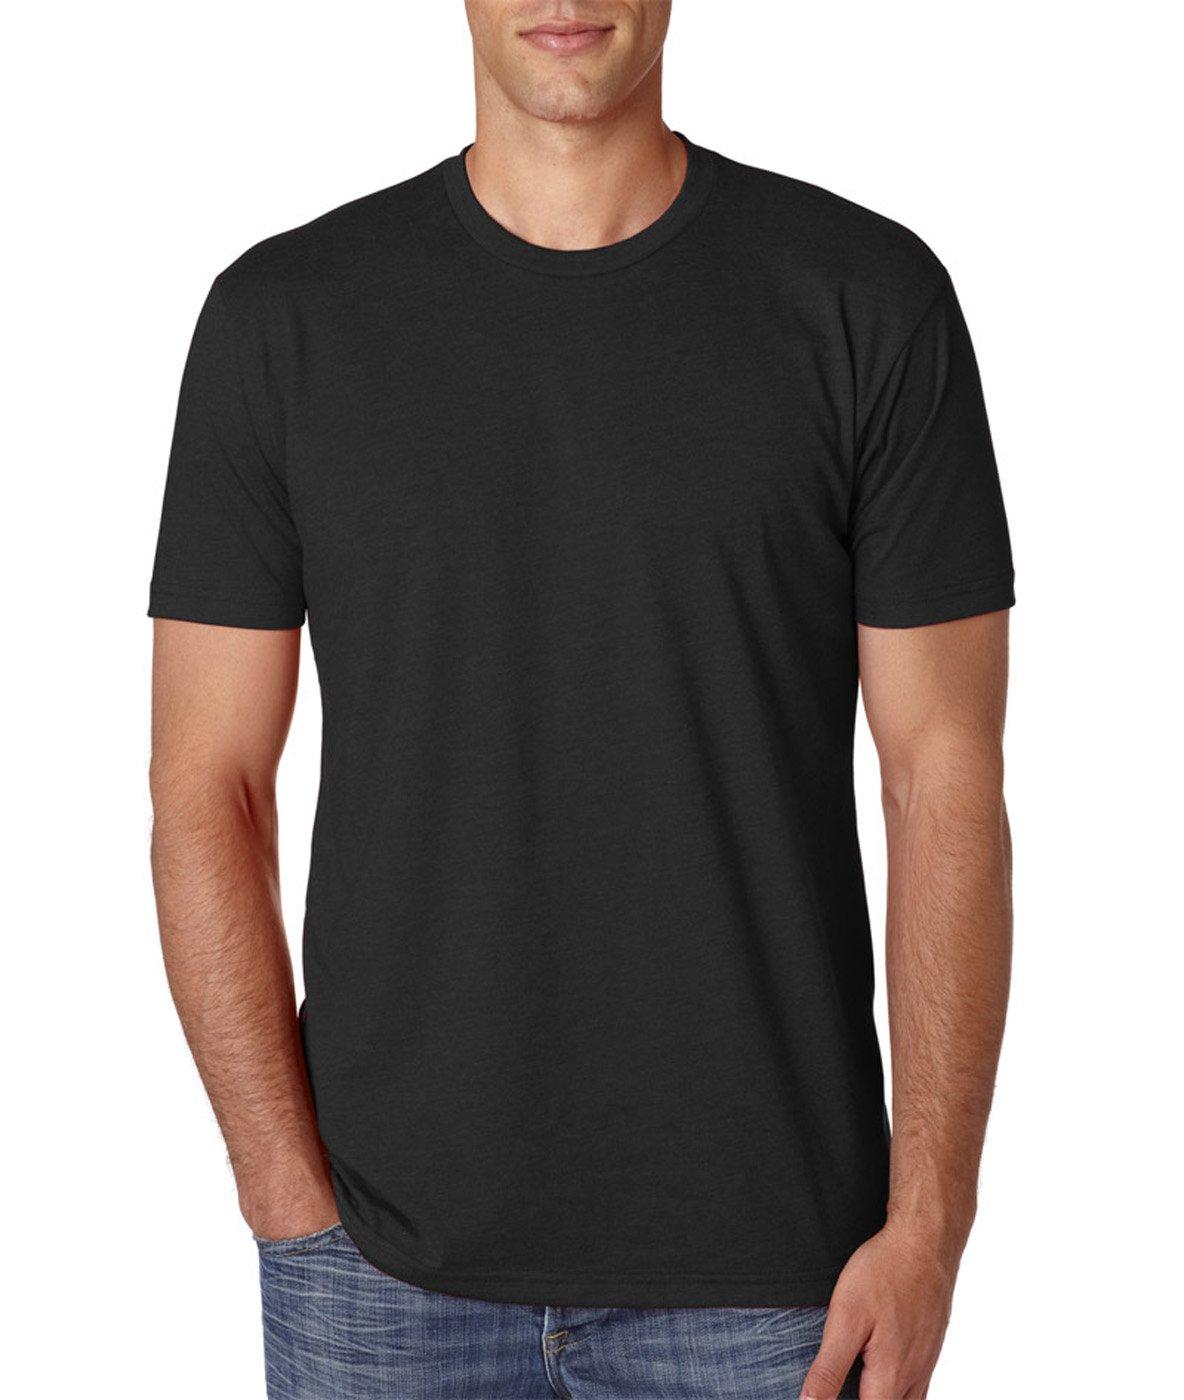 Next Level N6210 T-Shirt, Black + Banana Cream (2 Pack), Medium